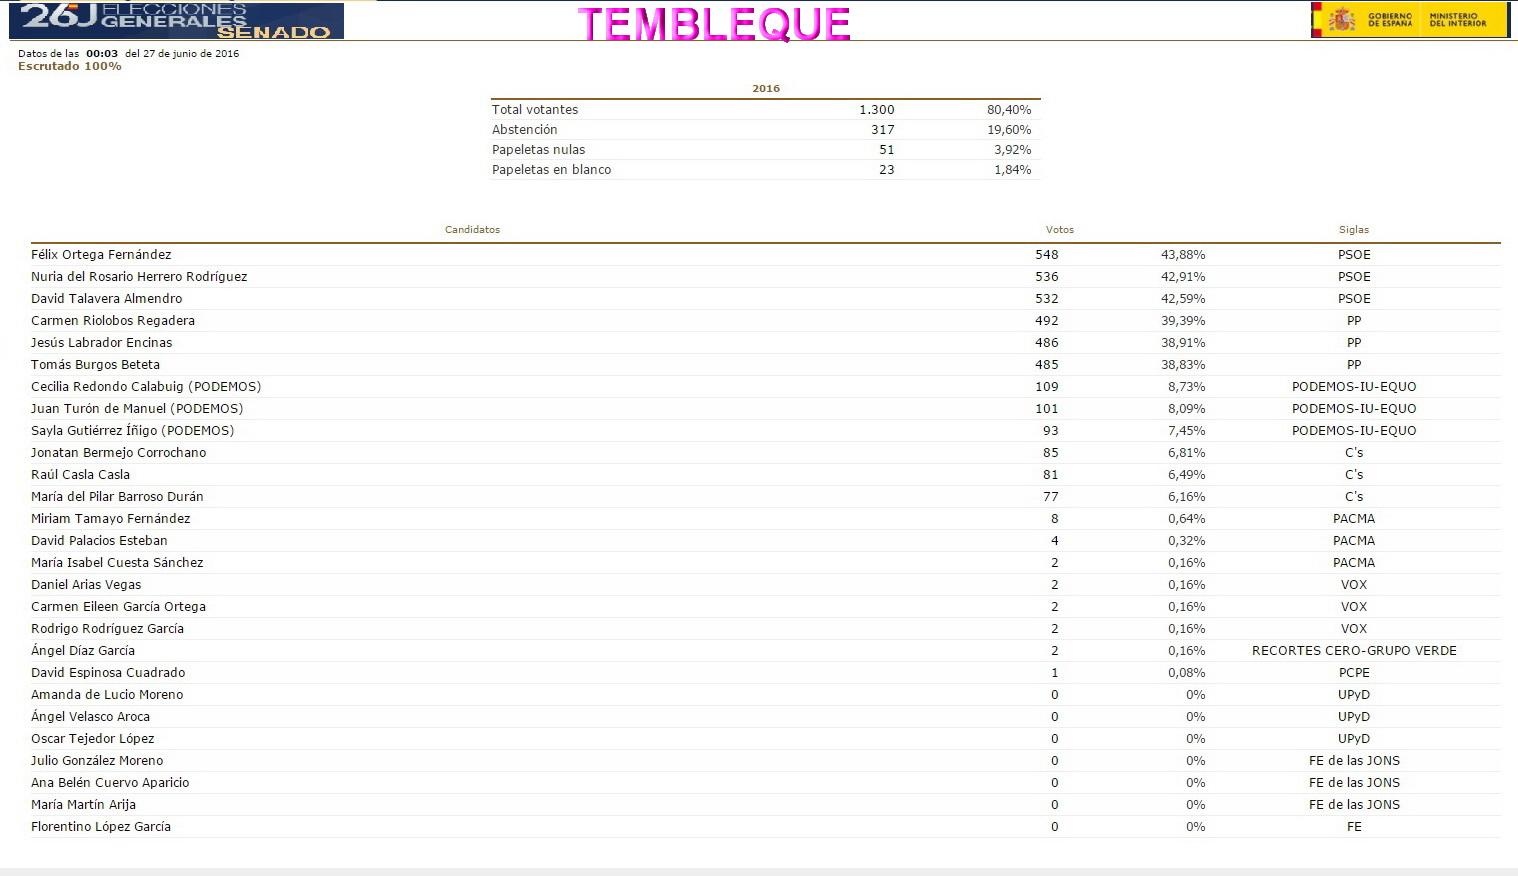 Todo tembleque resultados de las elecciones generales del for Ministerio del interior pagina oficial